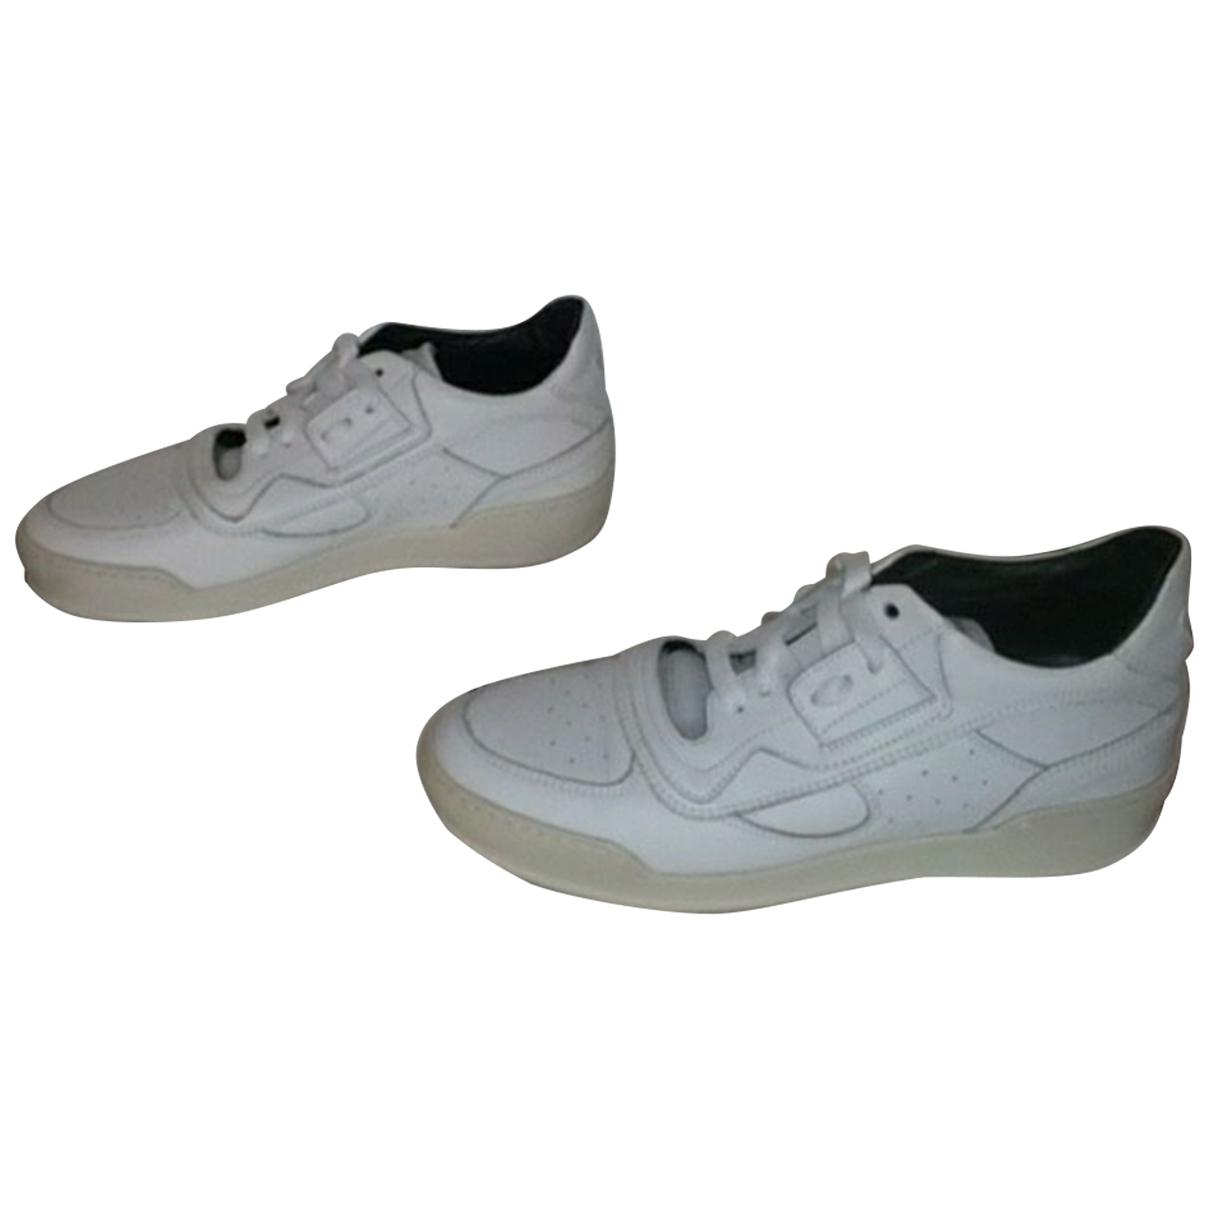 Mm6 - Baskets   pour femme en cuir - blanc